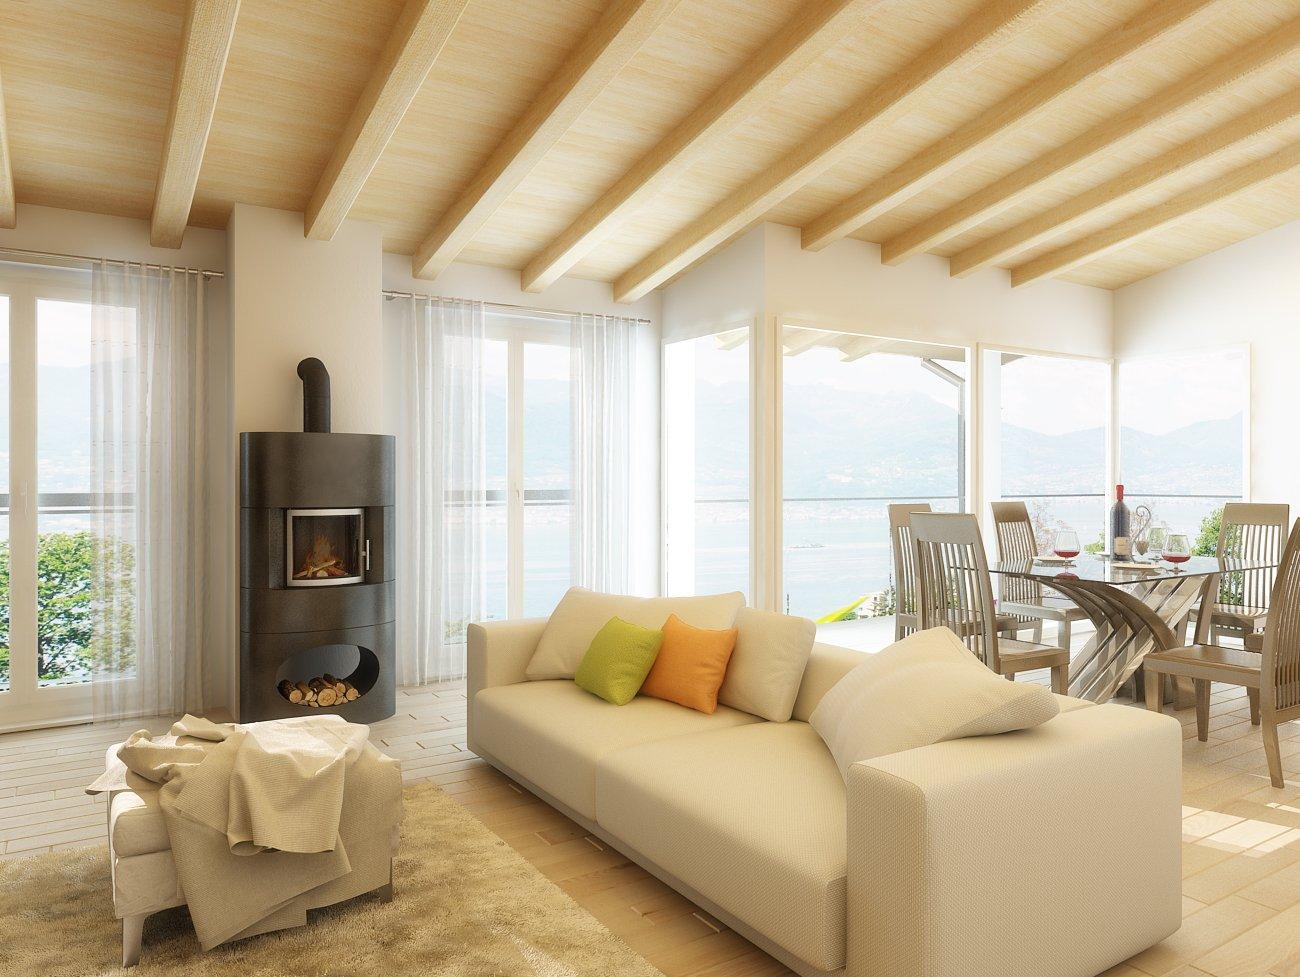 Svizzera progetto rendering ristrutturazione immobile for Rendering 3d interni